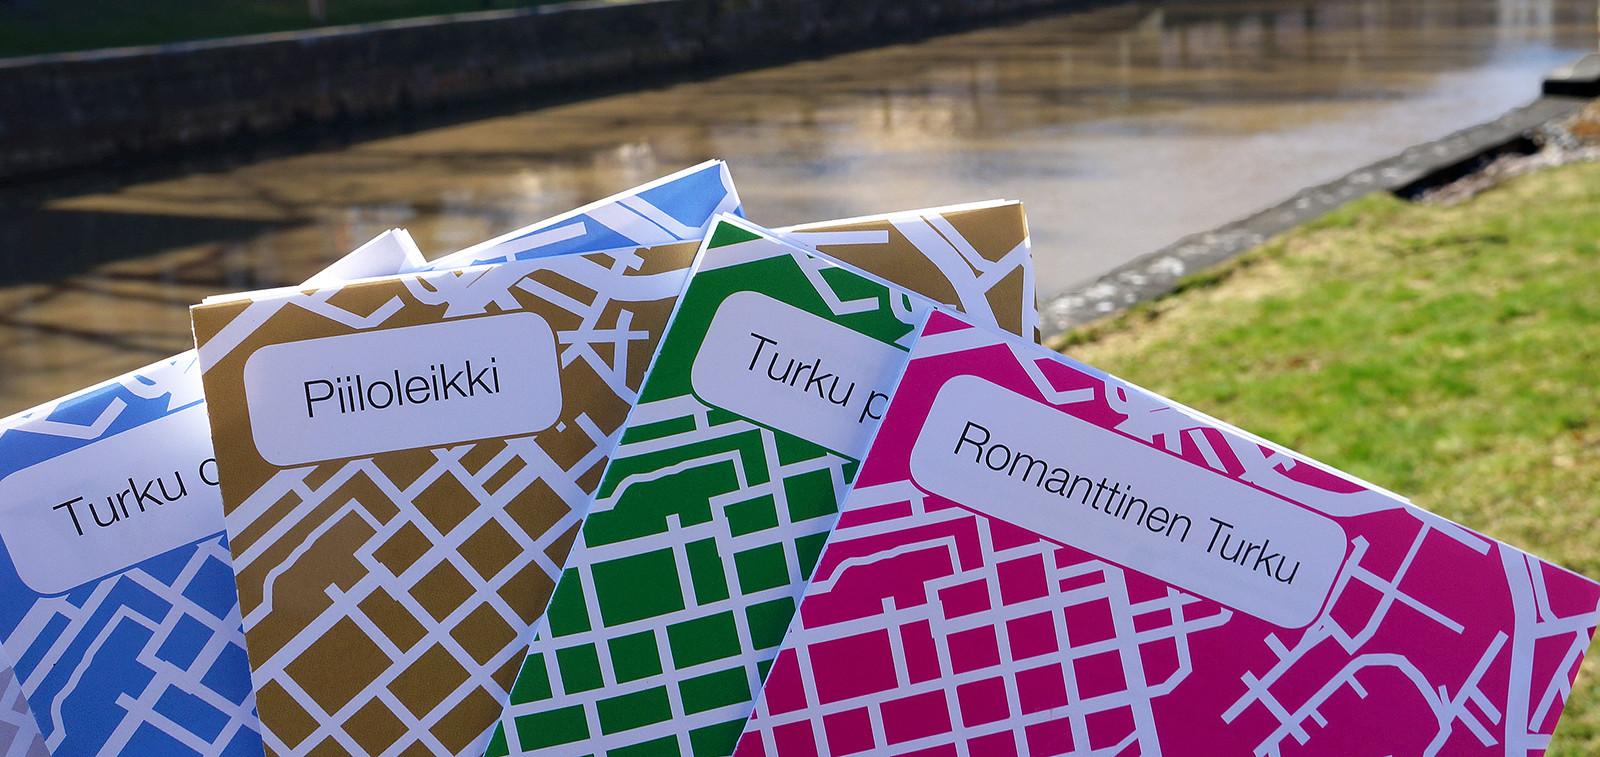 Kulttuurikuntoilureittien karttoja